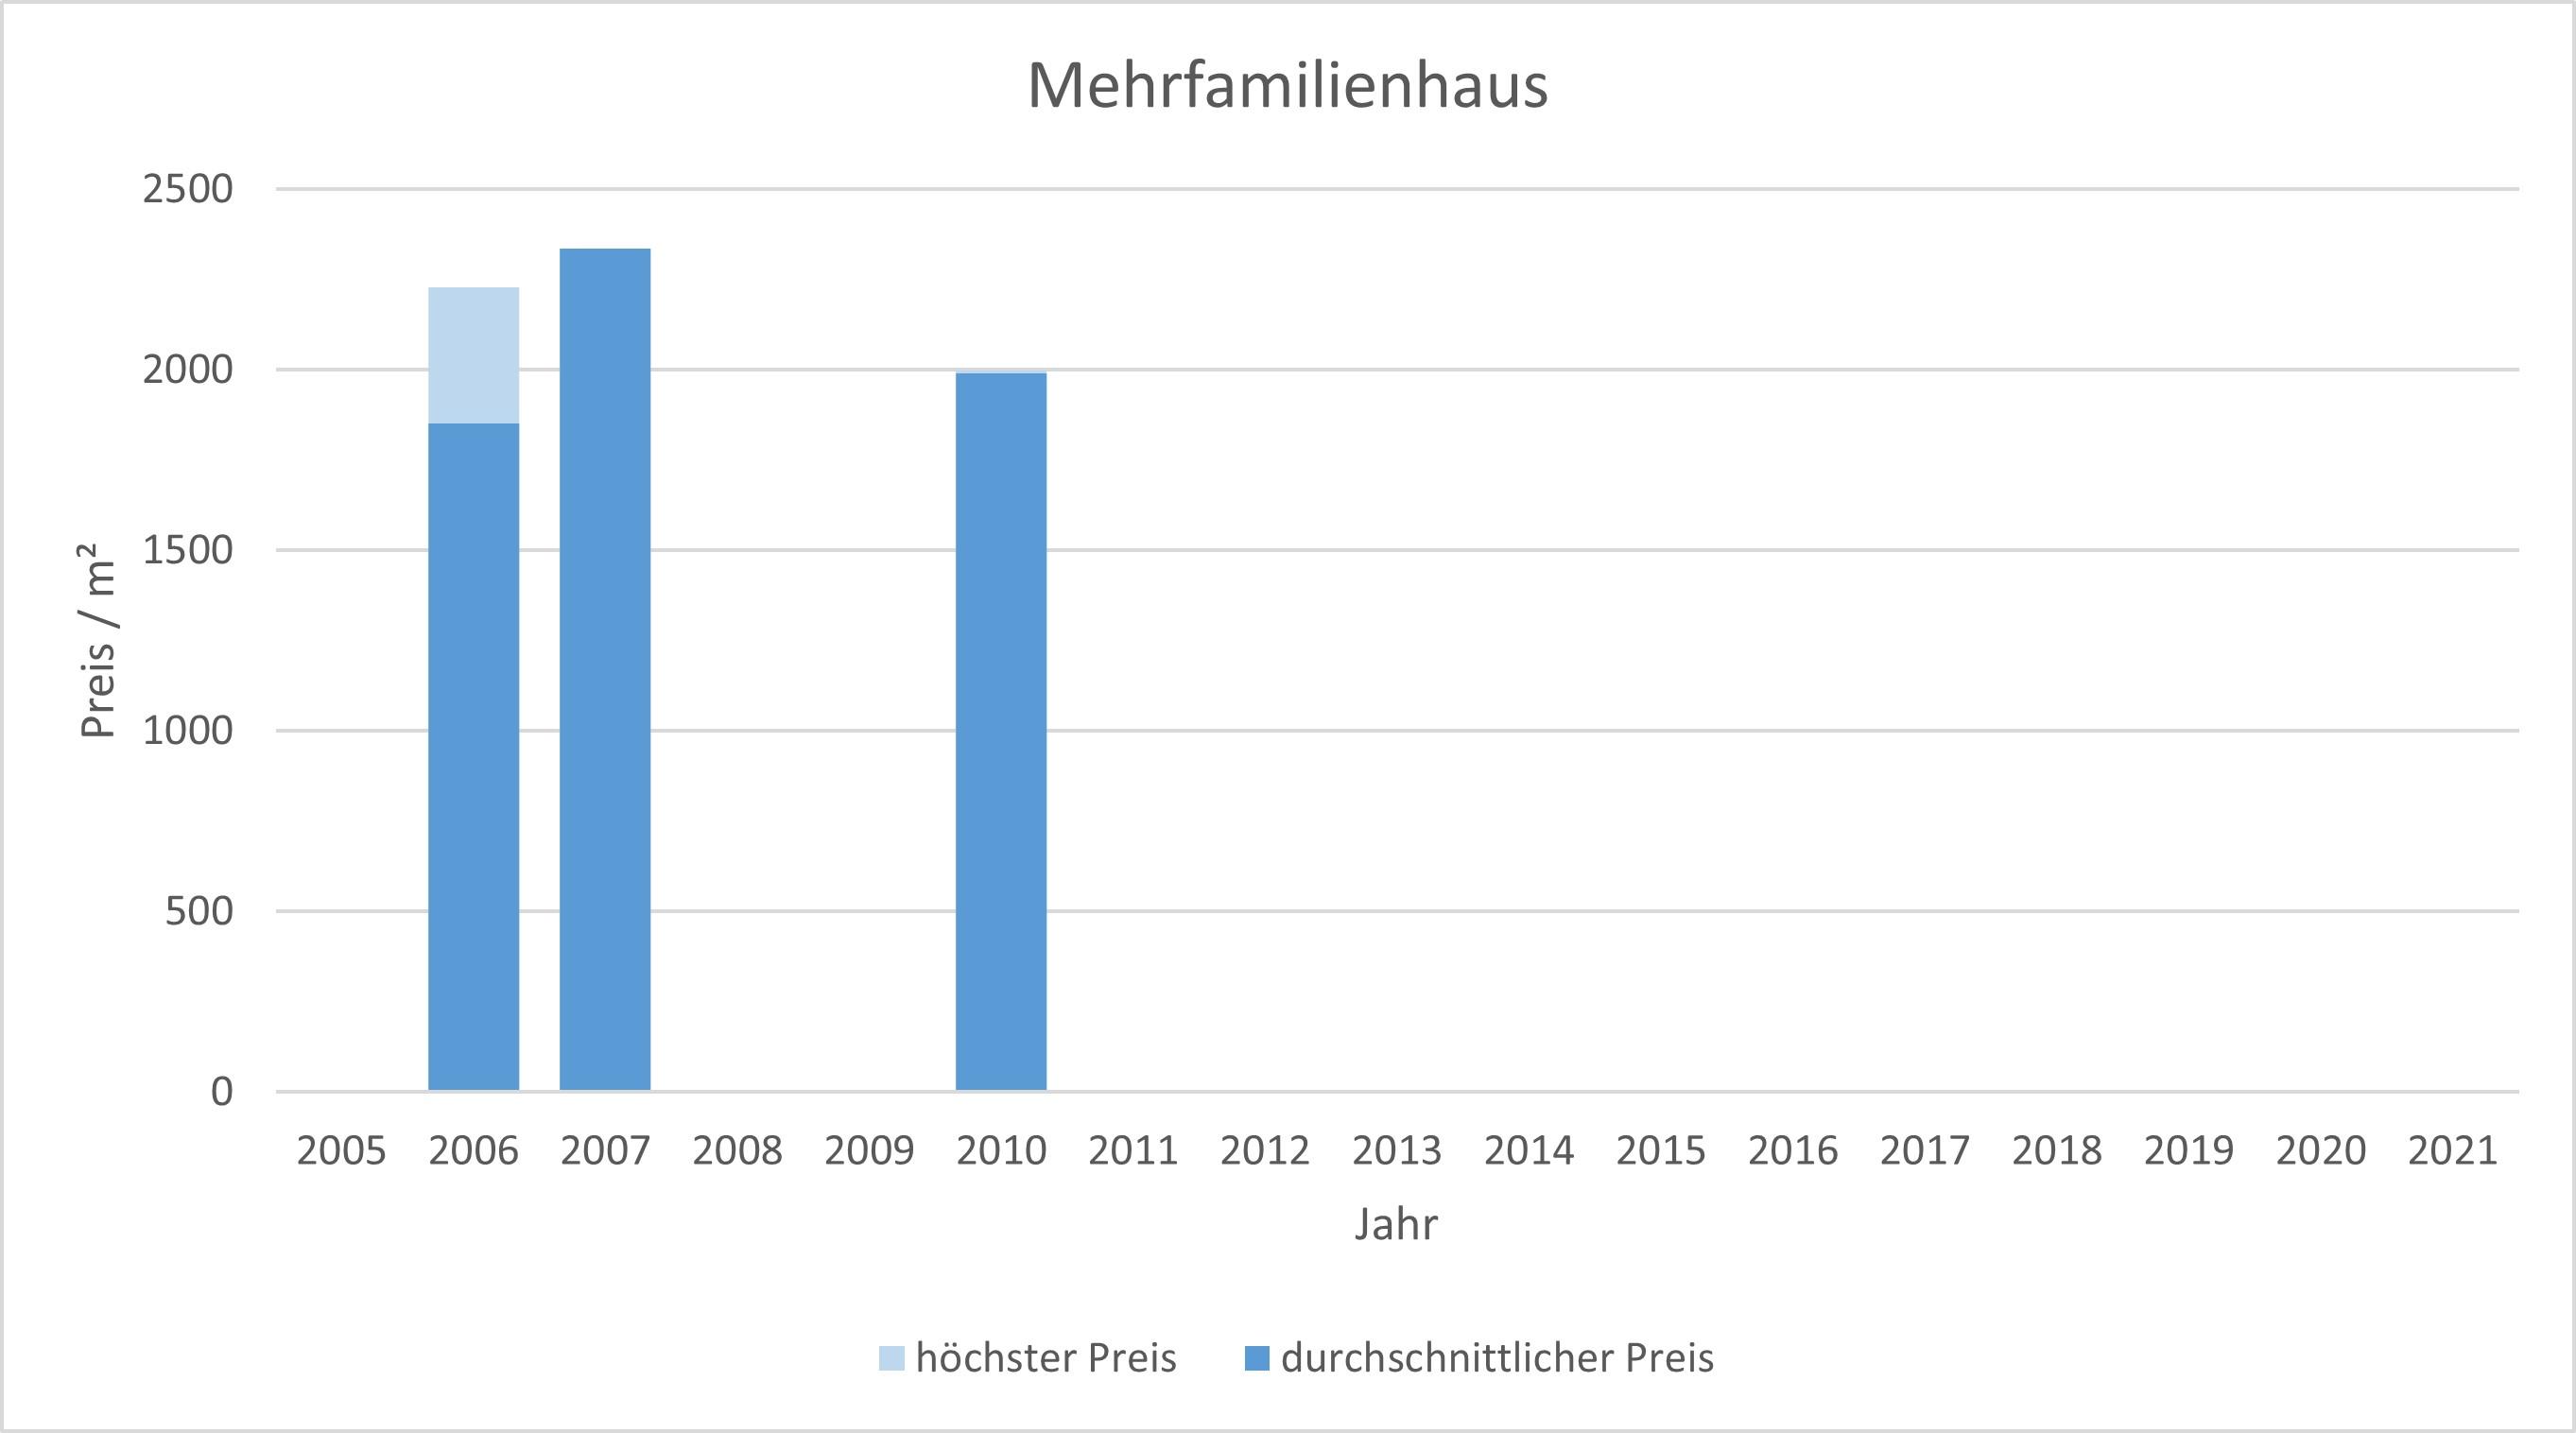 München - Blumenau Mehrfamilienahsu kaufen verkaufen Preis Bewertung Makler 2019 2020 2021 www.happy-immo.de